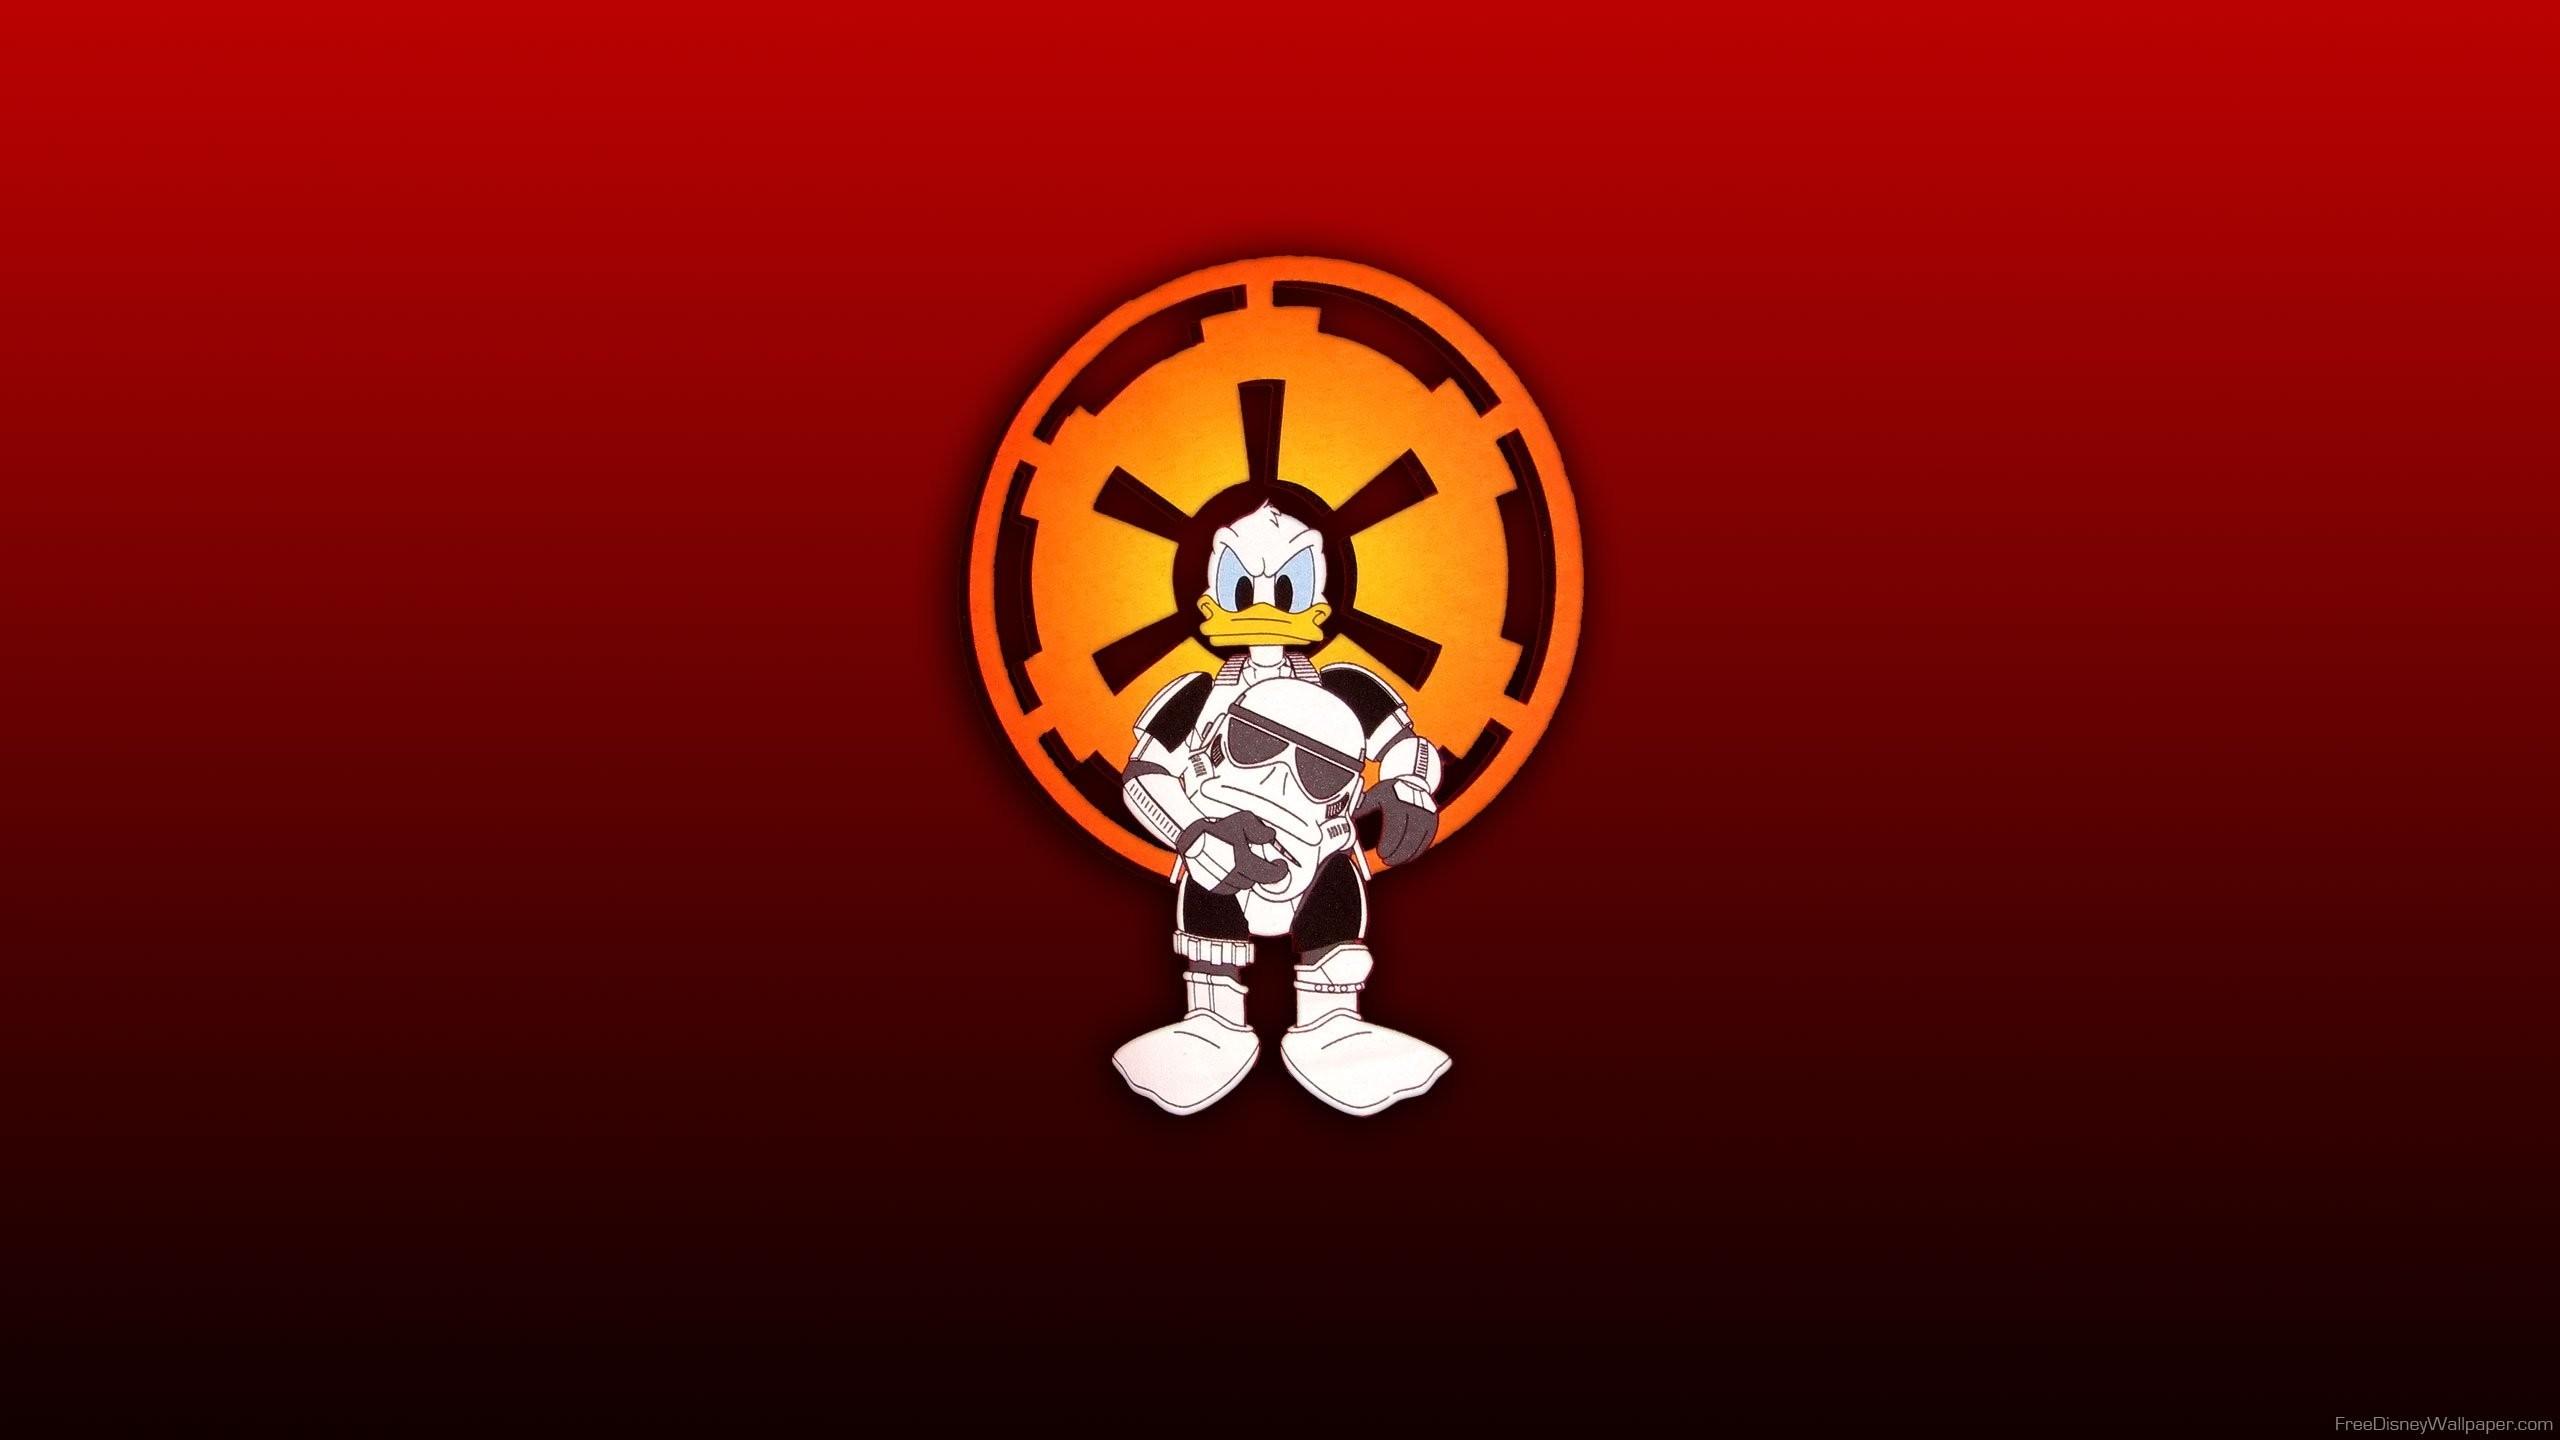 126 Star Wars Empire Logo